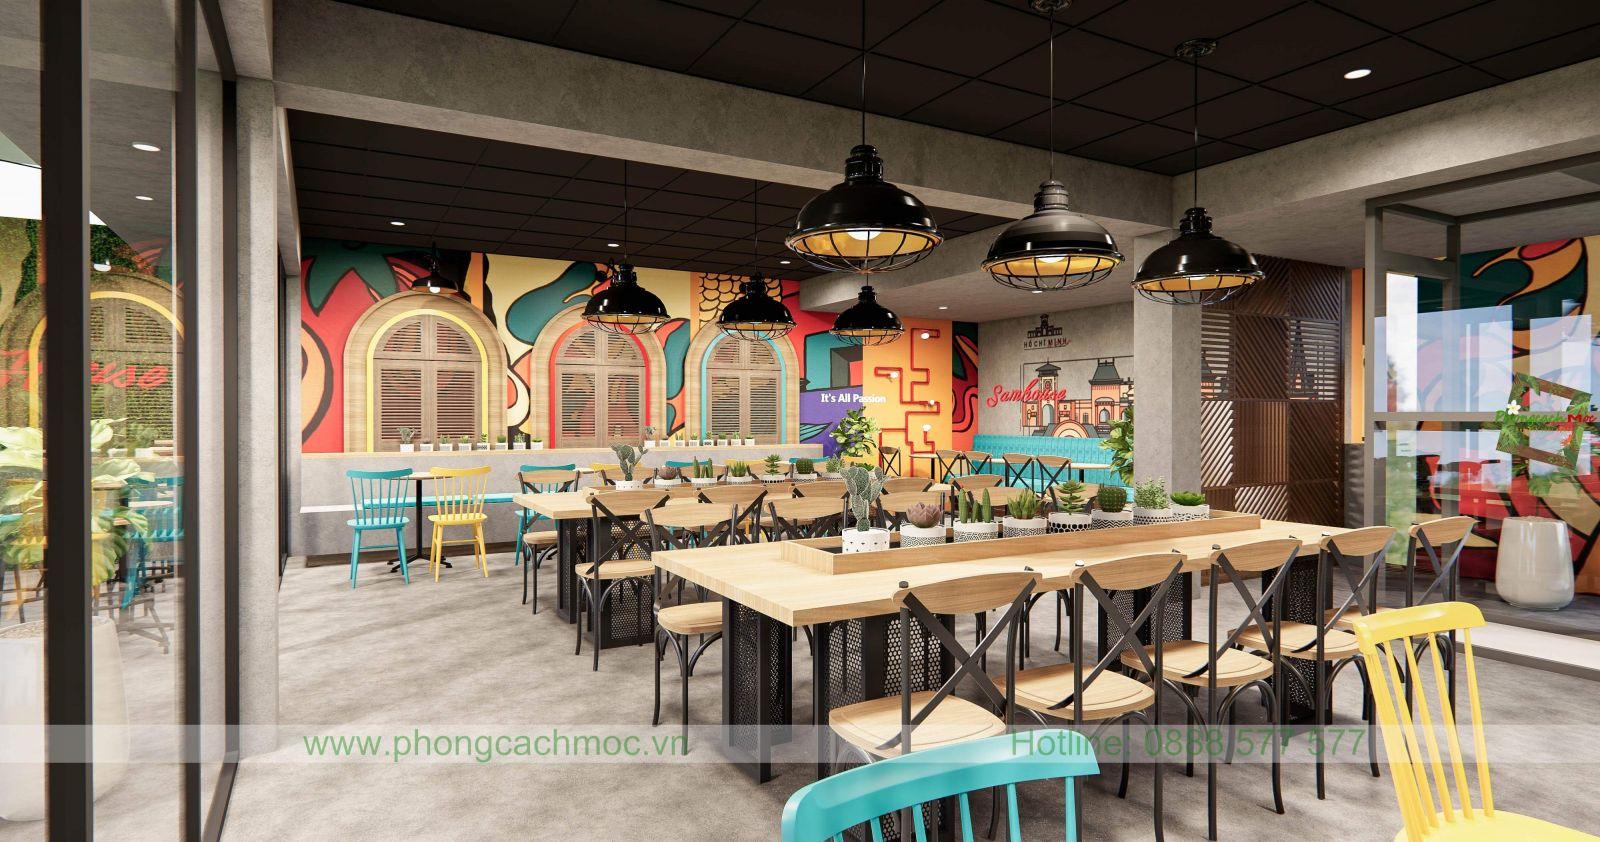 thiết kế đèn trần quán cafe industrial